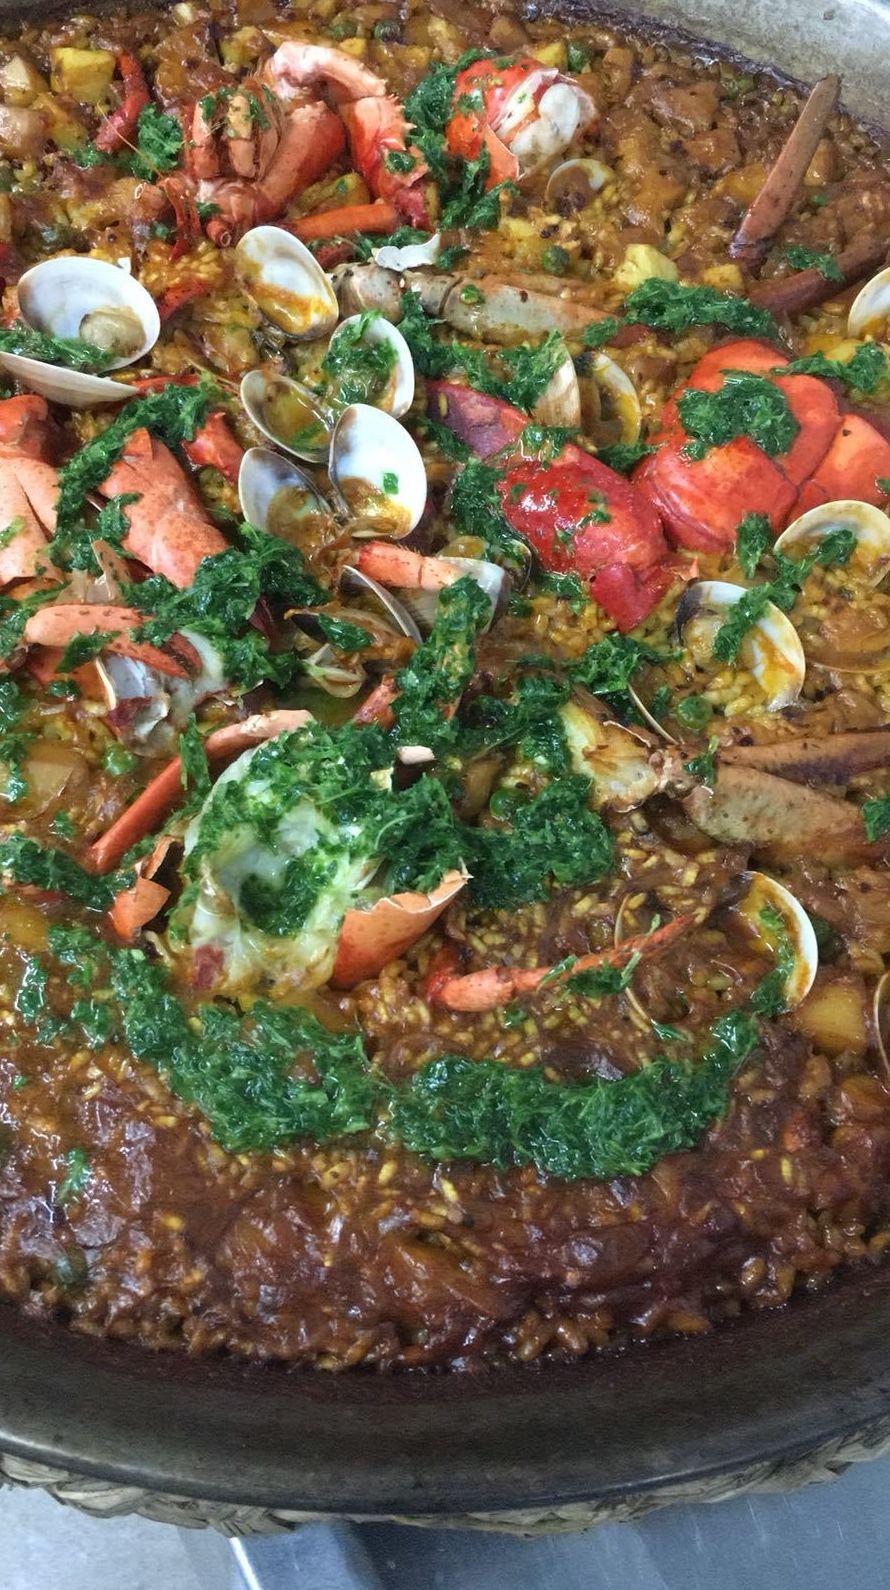 Foto 4 de Restaurante de comida mediterránea en Palma | Restaurante Sa Goleta